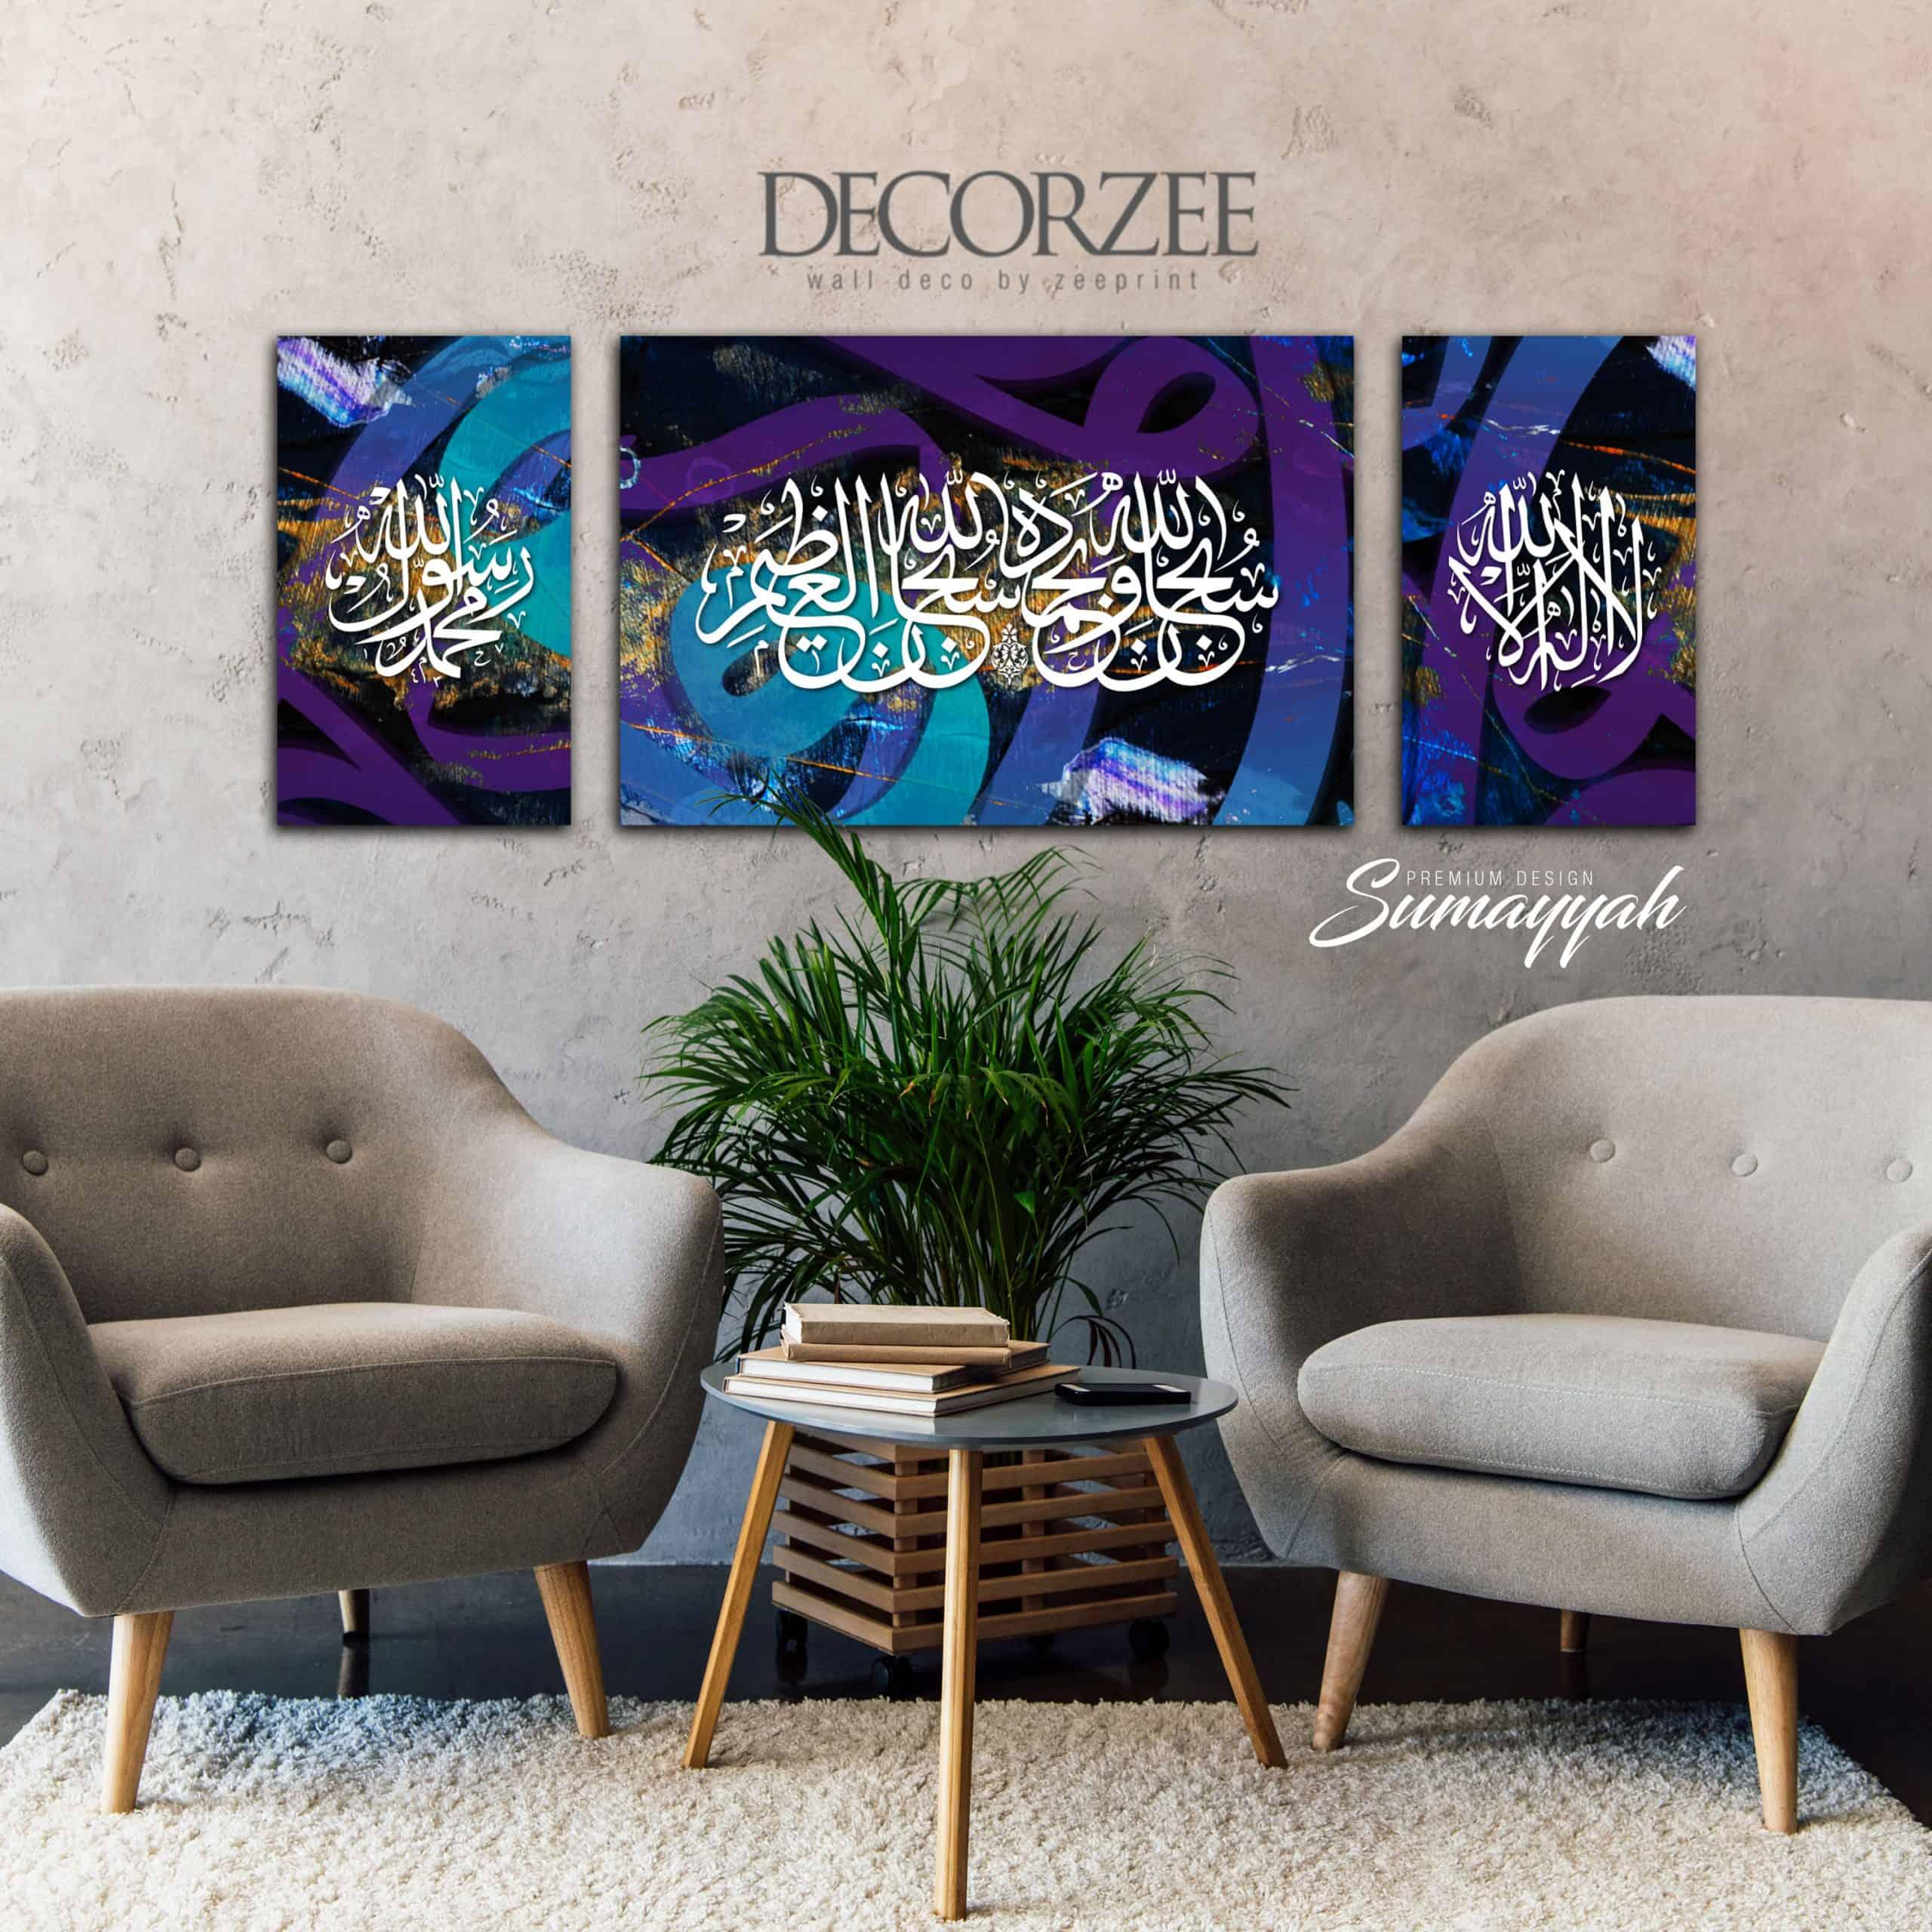 Design Sumayyah